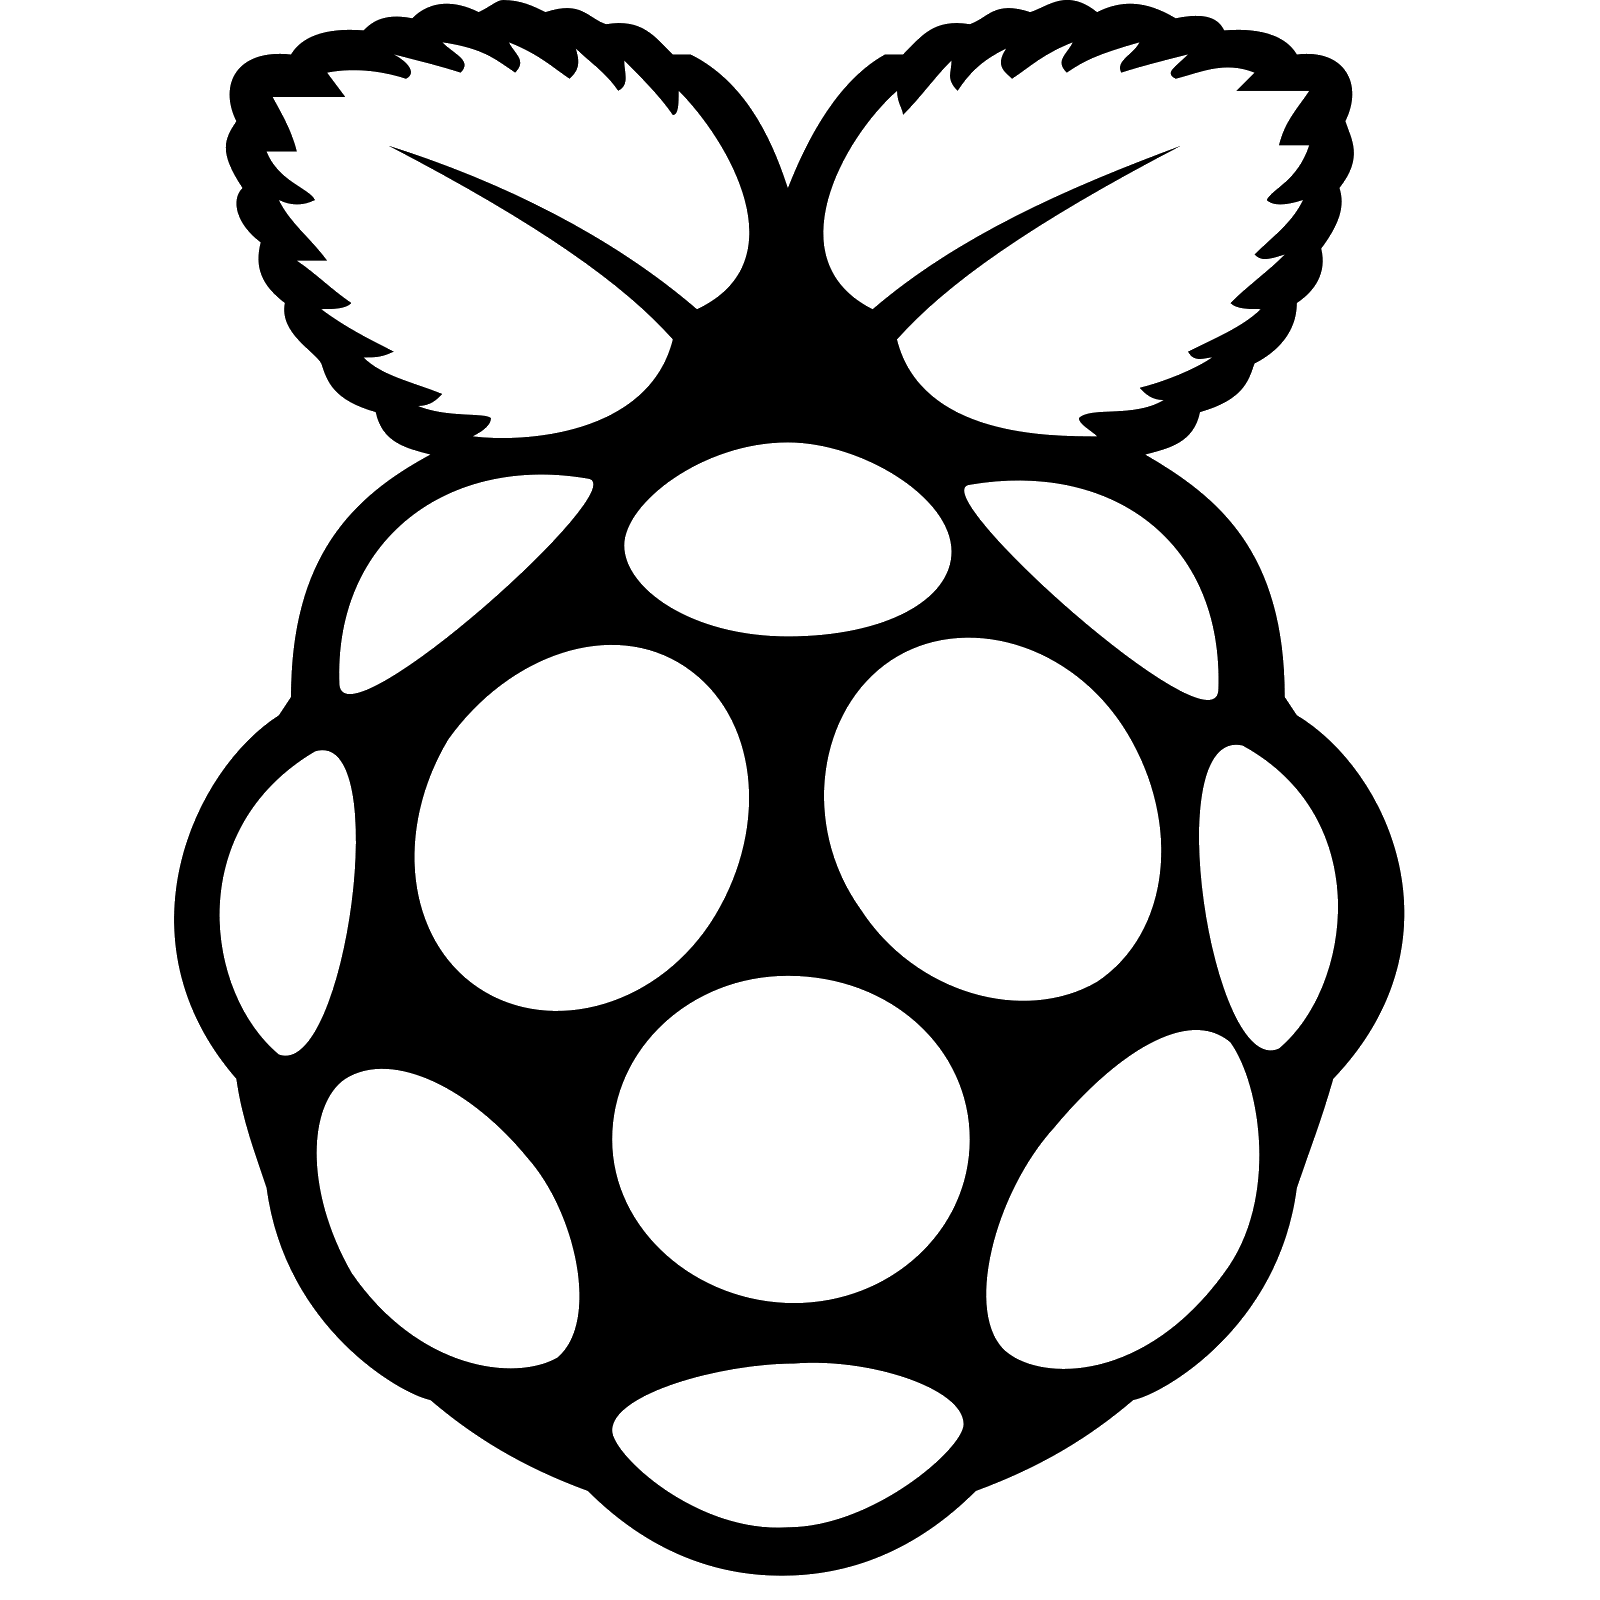 1600x1600 Raspberry Pi Icon